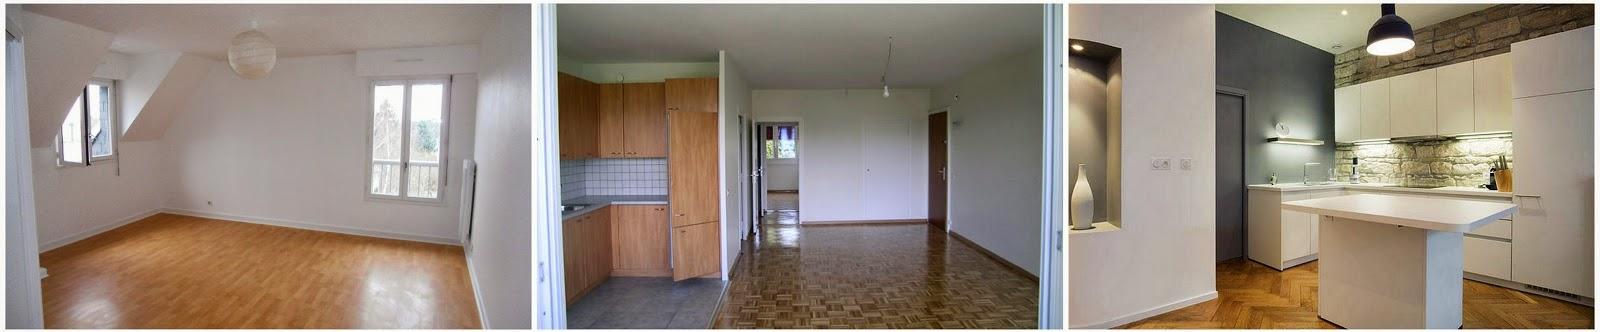 travaux PEINTRE EN BATIMENT appartement